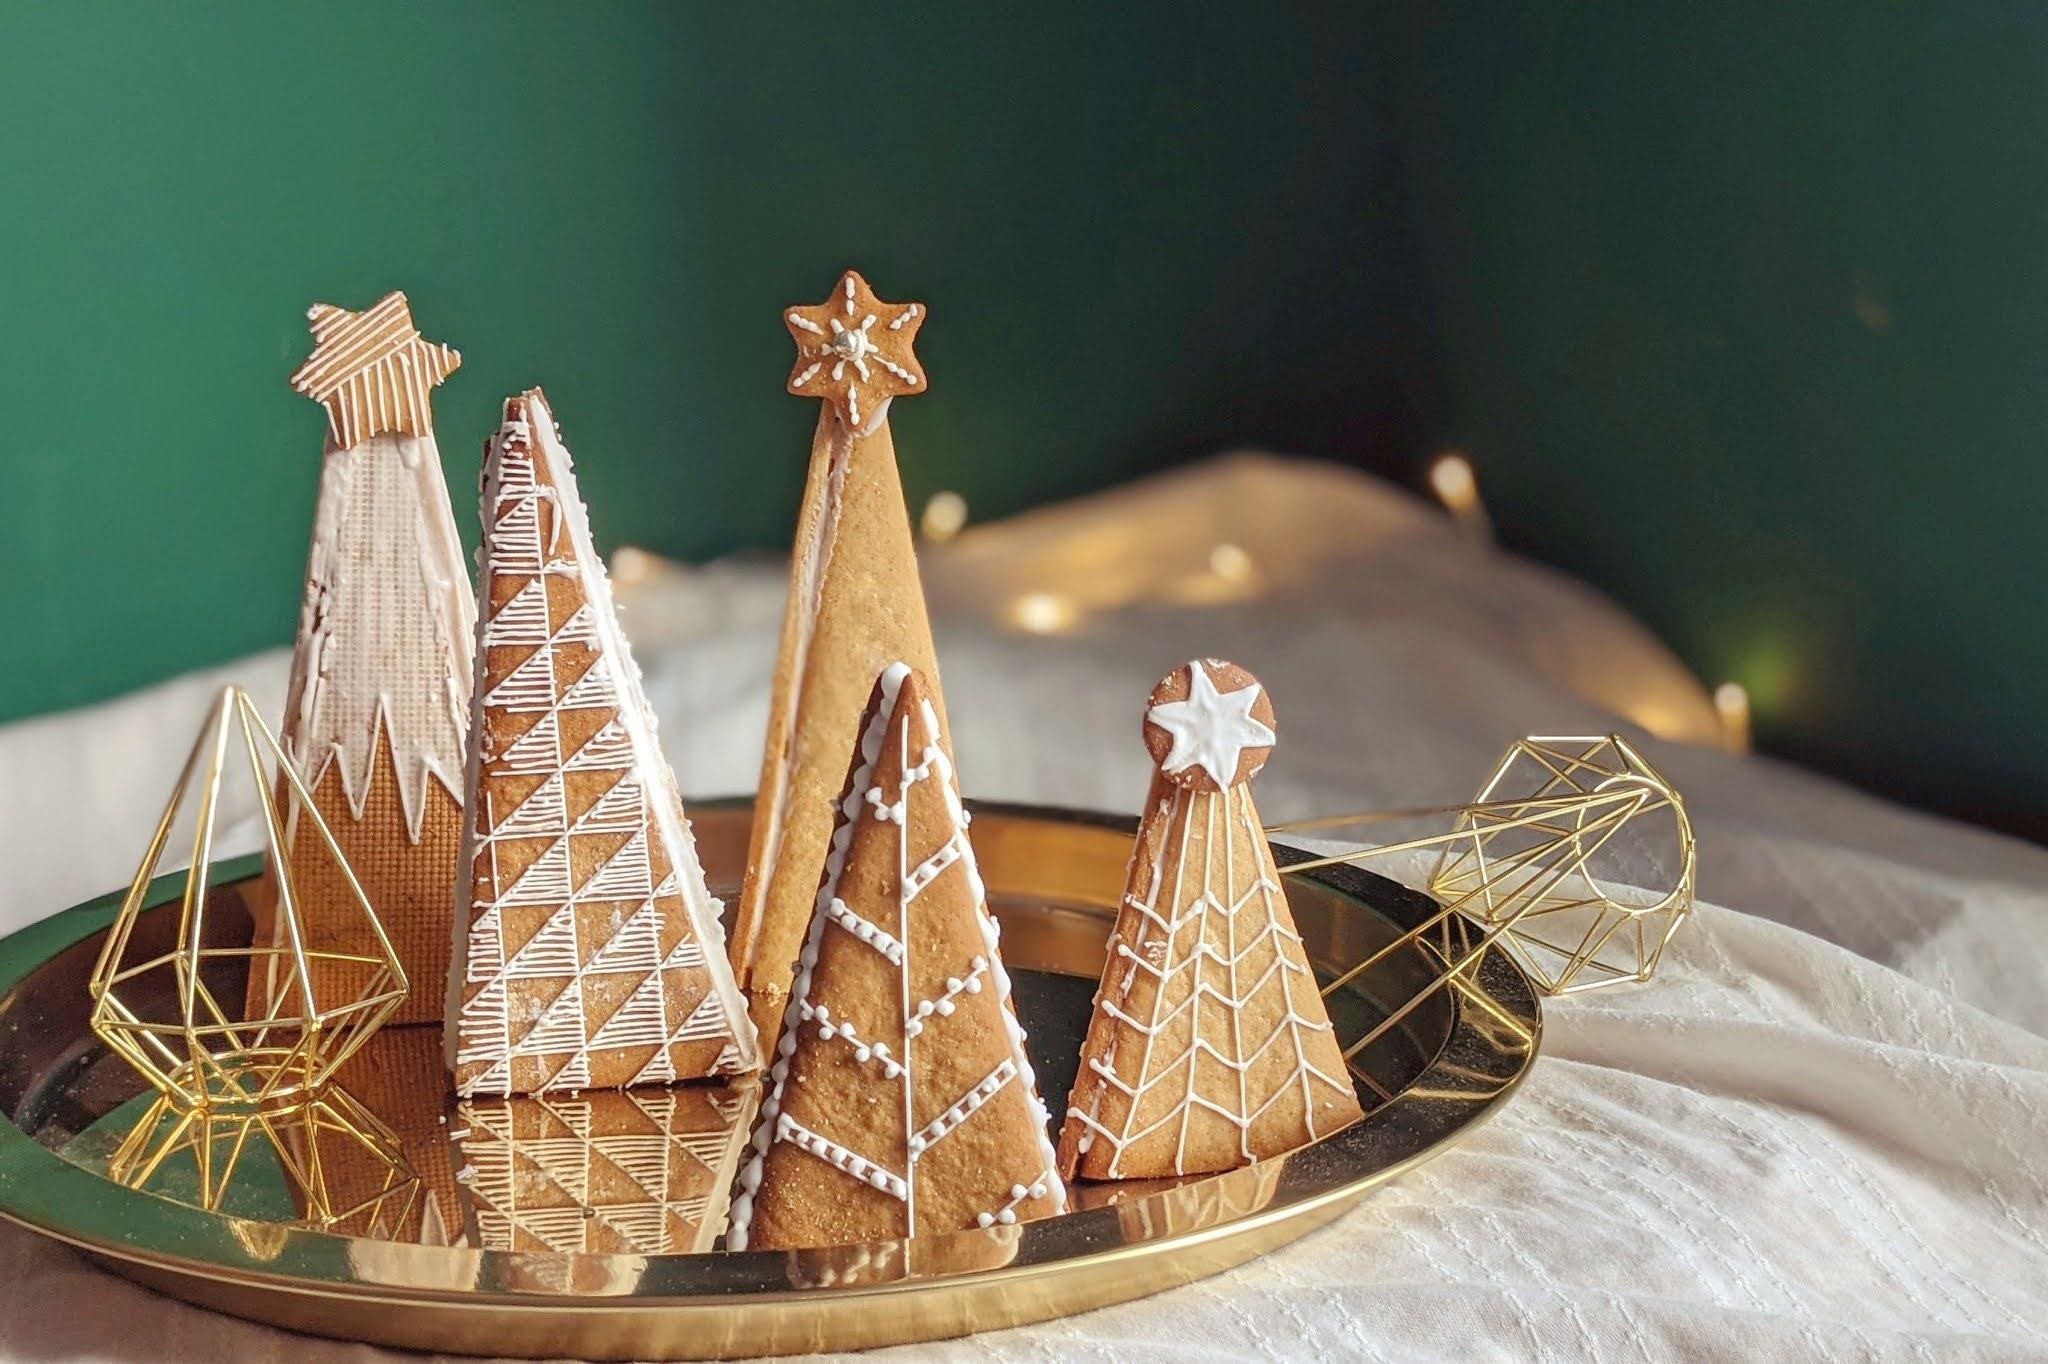 Feine Lebkuchen-Weihnachtsbäume - Rezept von Käthes Kekse | SCCC 2020: Türchen Nr. 9